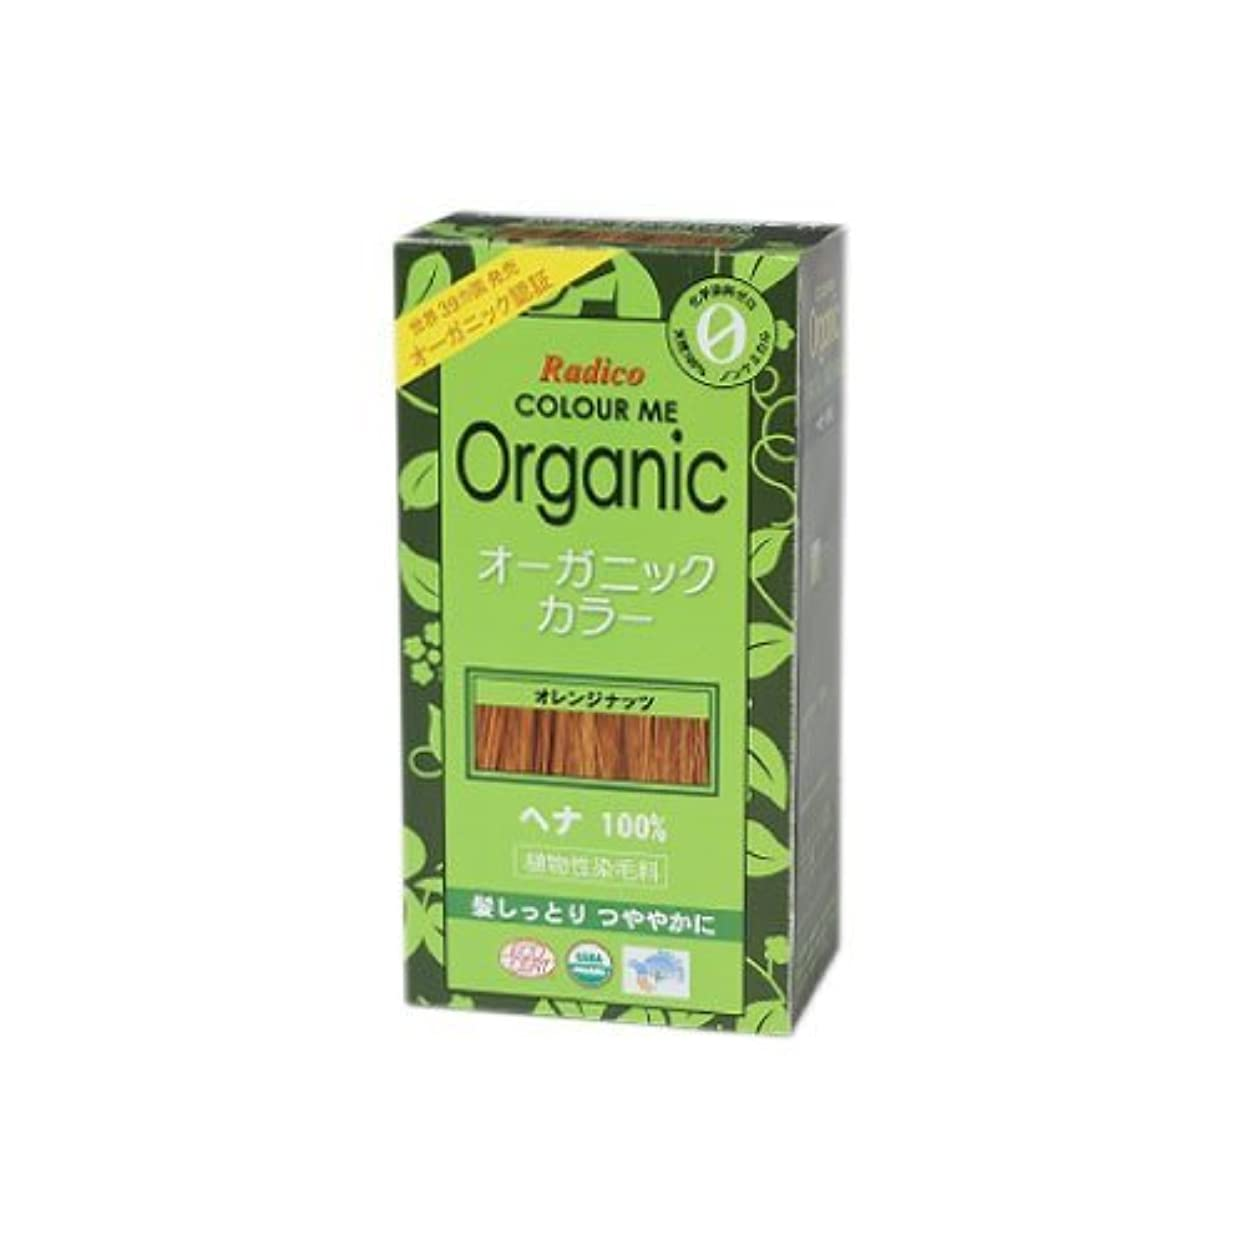 代理店入場パケットCOLOURME Organic (カラーミーオーガニック ヘナ 白髪用) オレンジナッツ 100g